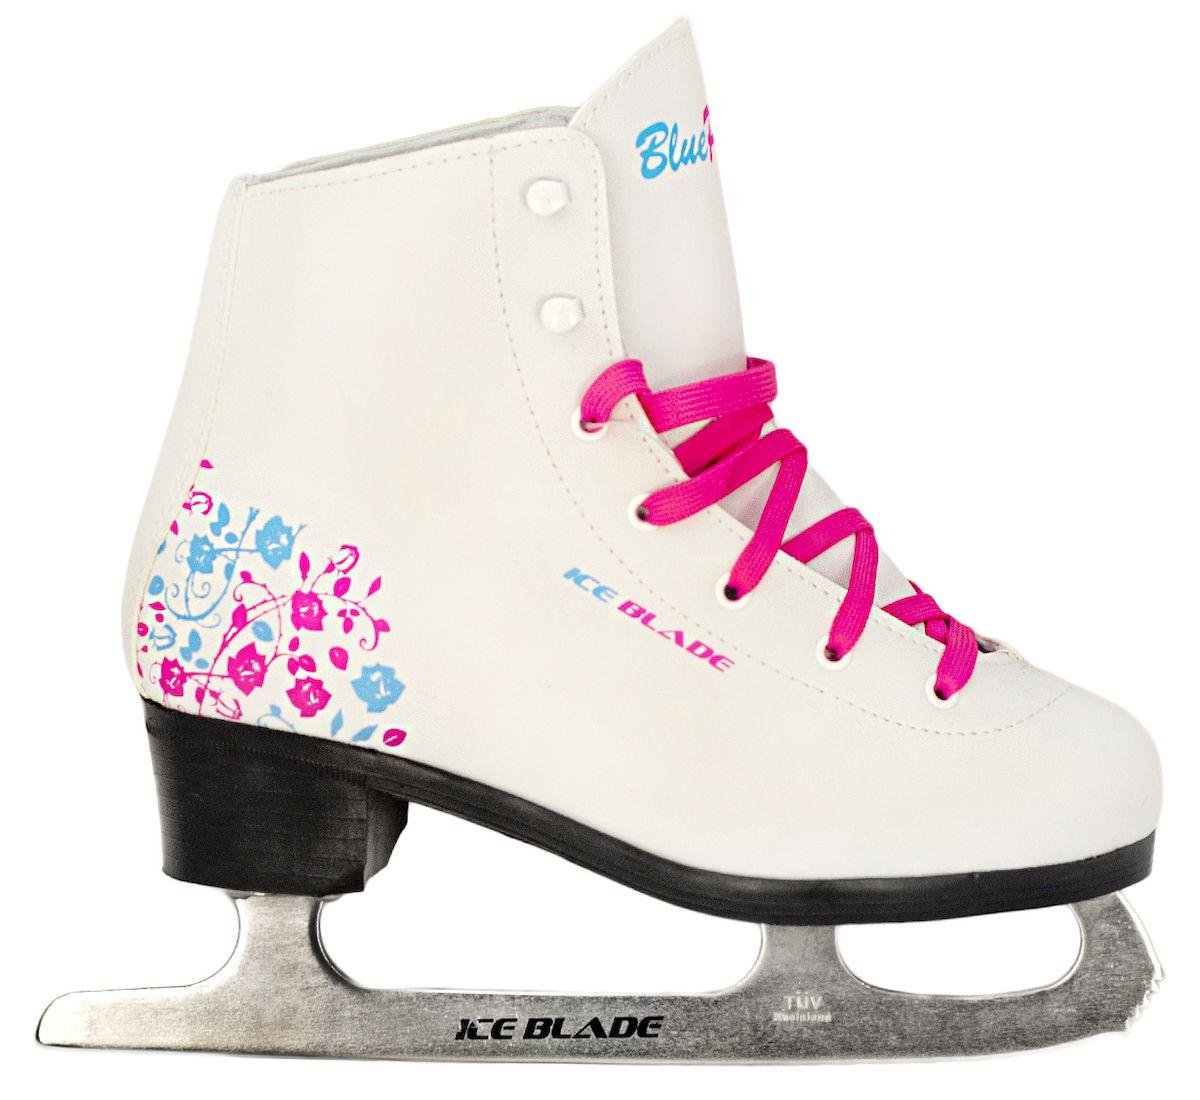 Коньки фигурные Ice Blade BluePink, цвет: белый, розовый, голубой. УТ-00006869. Размер 42УТ-00006869Коньки фигурные Ice Blade BluePink предназначены для любительского фигурного катания. Яркий и нестандартный дизайн модели BluePink совмещает голубой и розовый цвет. Более того, в комплекте помимо розовых шнурков идет пара голубых, пусть каждая любительница катания на коньках выберет для себя, какой цвет ей больше по душе.Ботинок анатомической конструкции выполнен из высококачественной искусственной кожи, покрытой полиуретаном, защищающим от влаги. Внутренняя набивка из специального материала, комфортно адаптирующегося к форме ноги. Внутренняя отделка из мягкого вельвета.Лезвия изготовлены из высокоуглеродистой стали, сертифицированной TUV Rheiland. Коньки поставляются с заводской заточкой лезвия, что позволяет сразу приступить к катанию, не тратя время и денег на заточку. Коньки подходят для использования на открытом и закрытом льду.